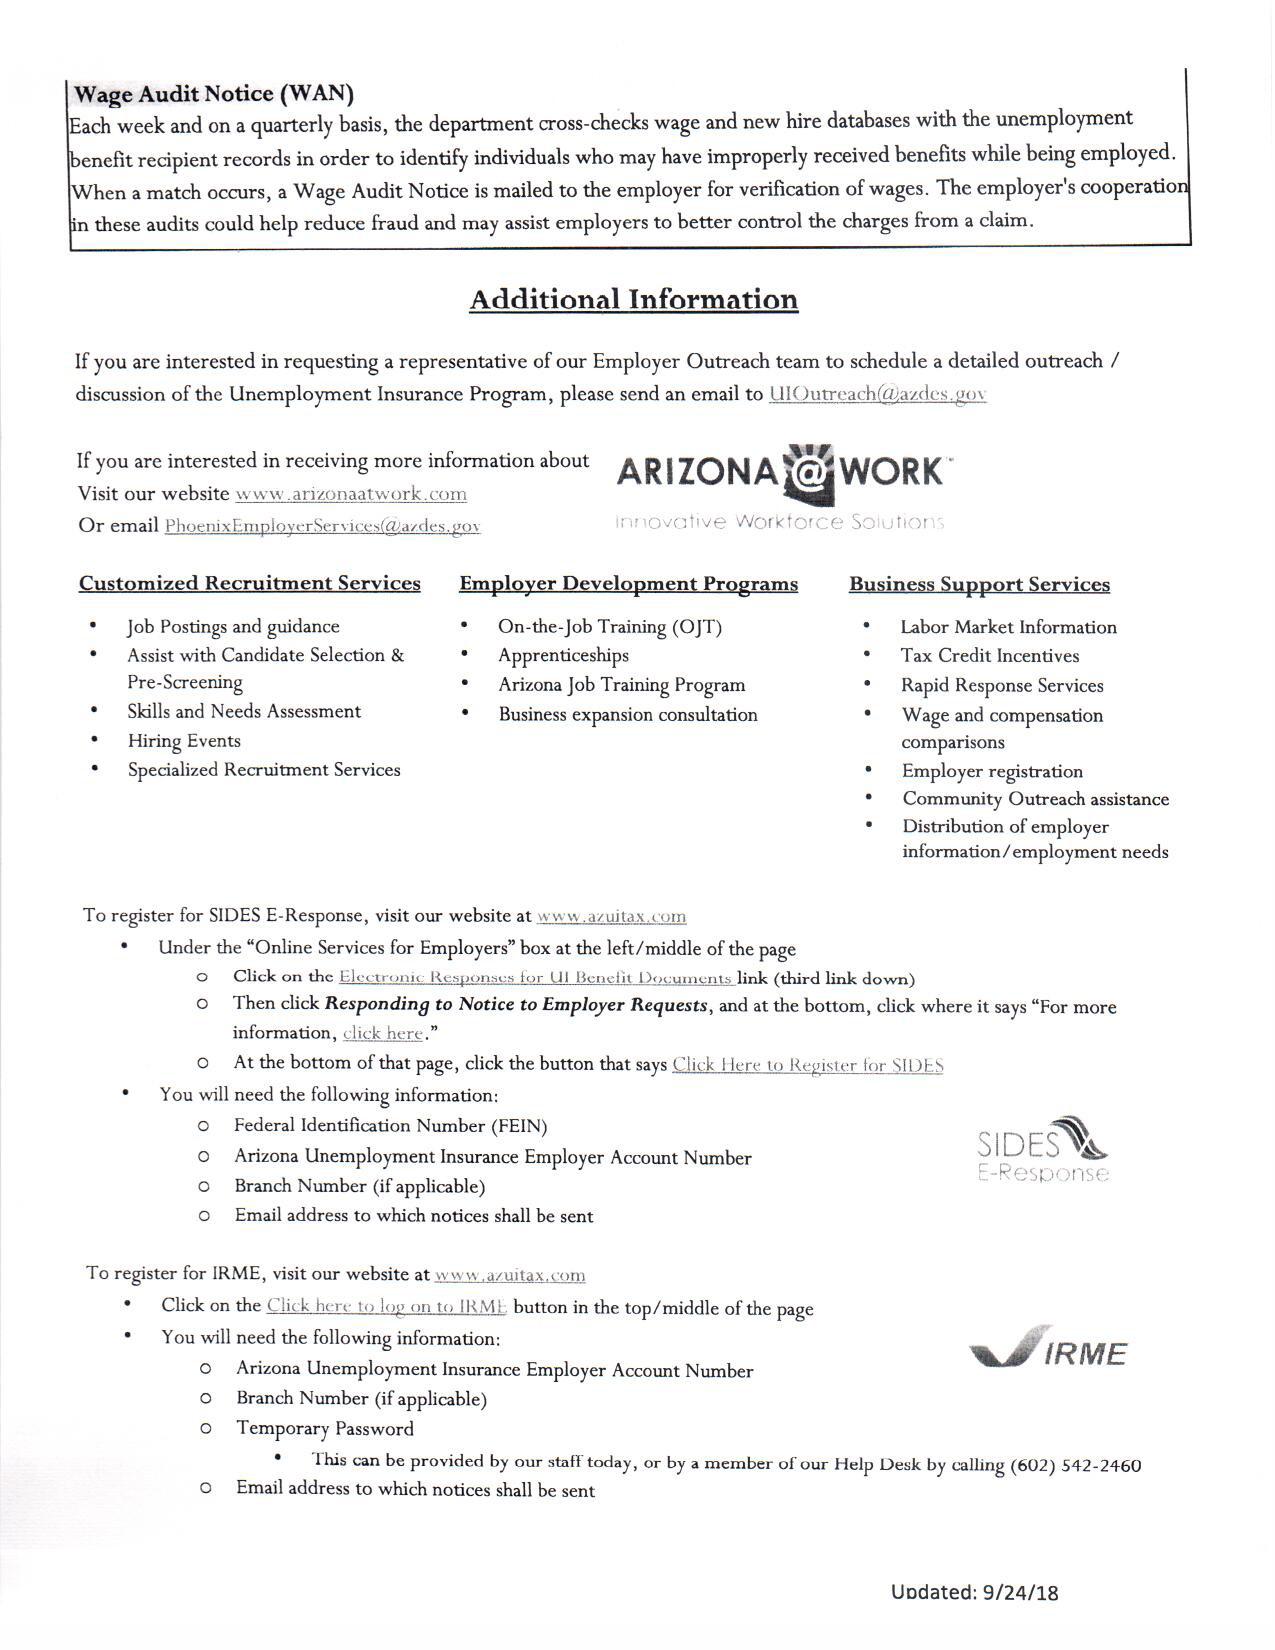 unemployment-benefits-05